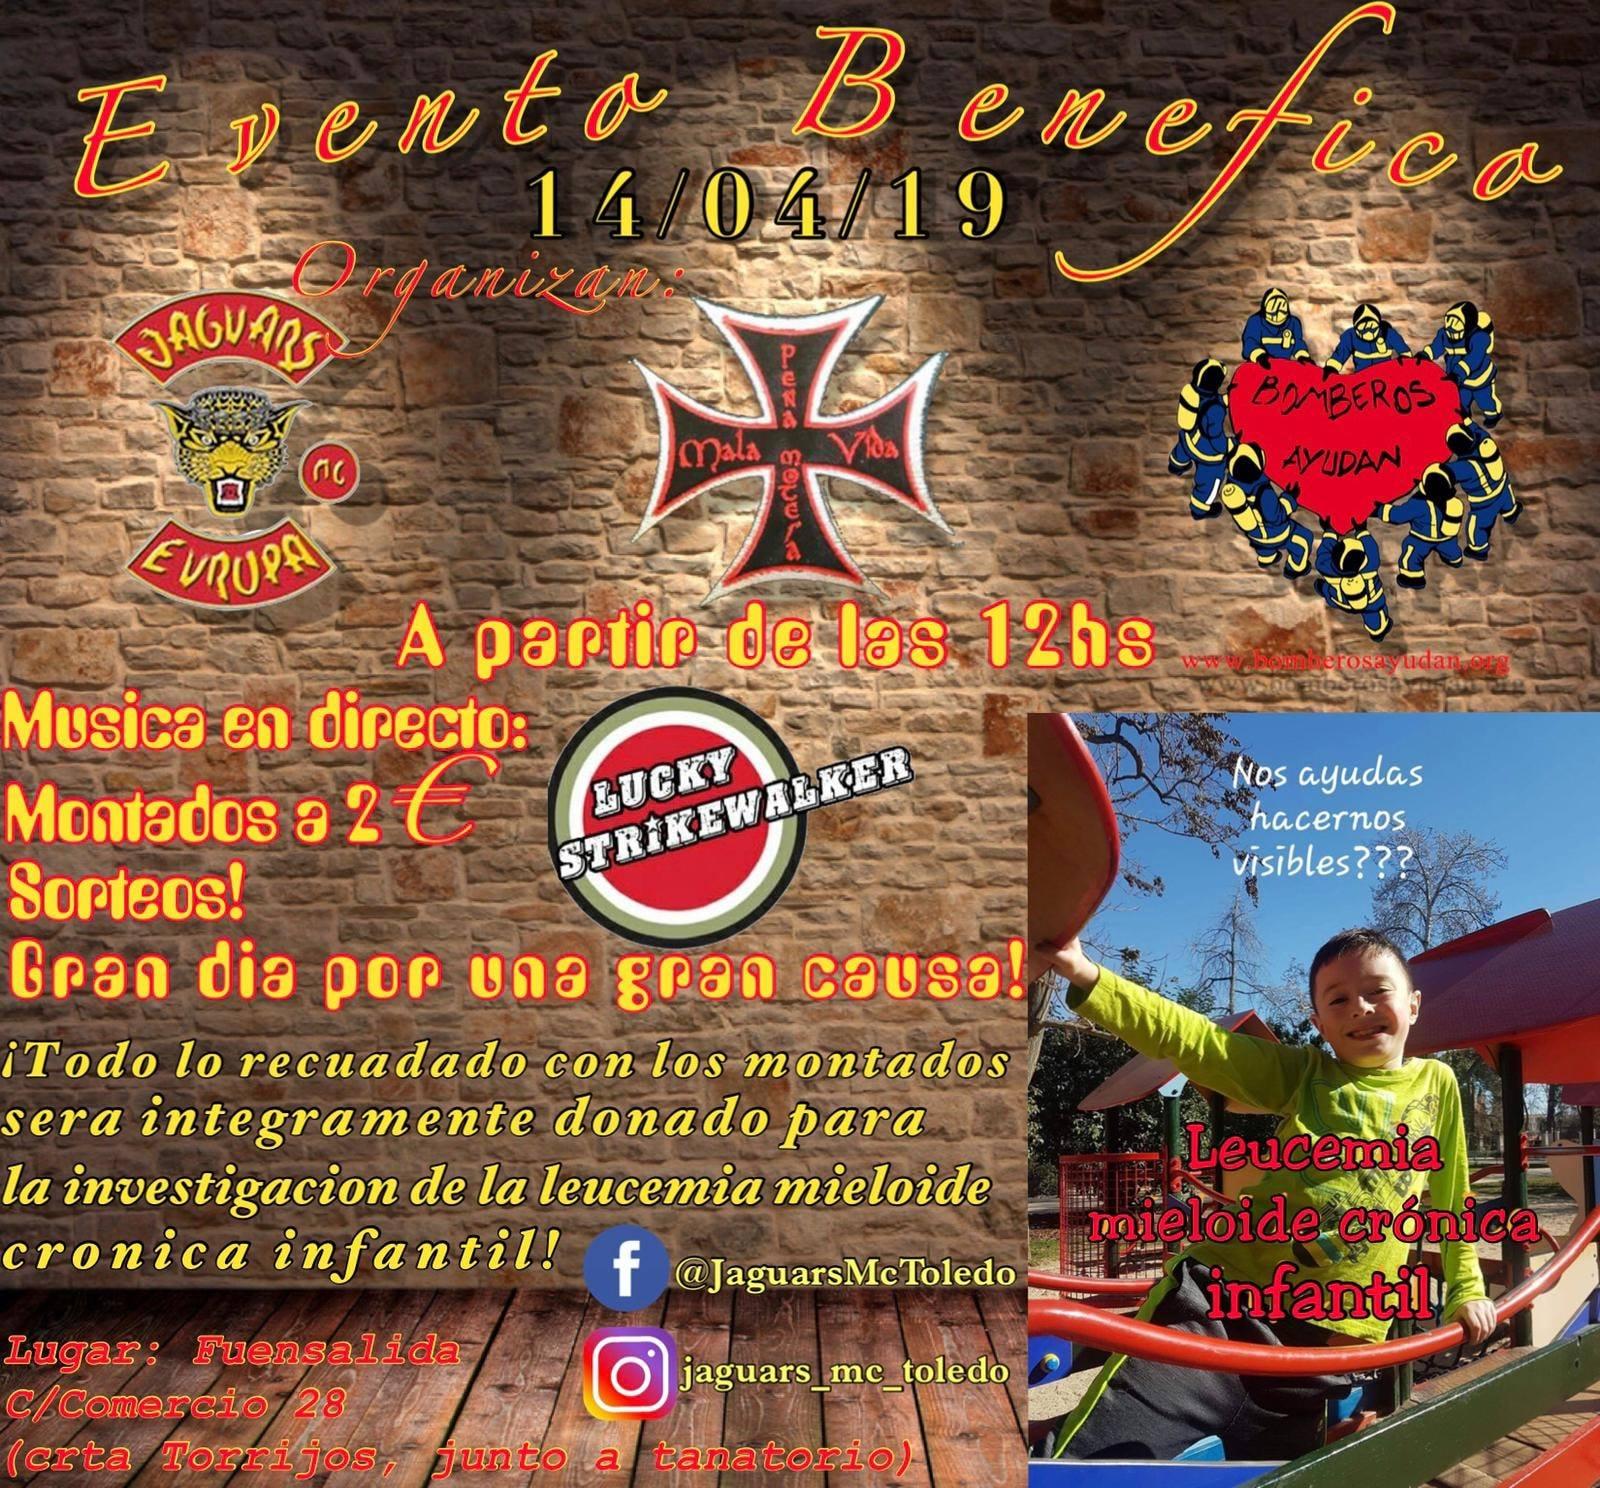 Evento Benéfico contra la Leucemia Mieloide Crónica Infantil Jaguars MC Toledo